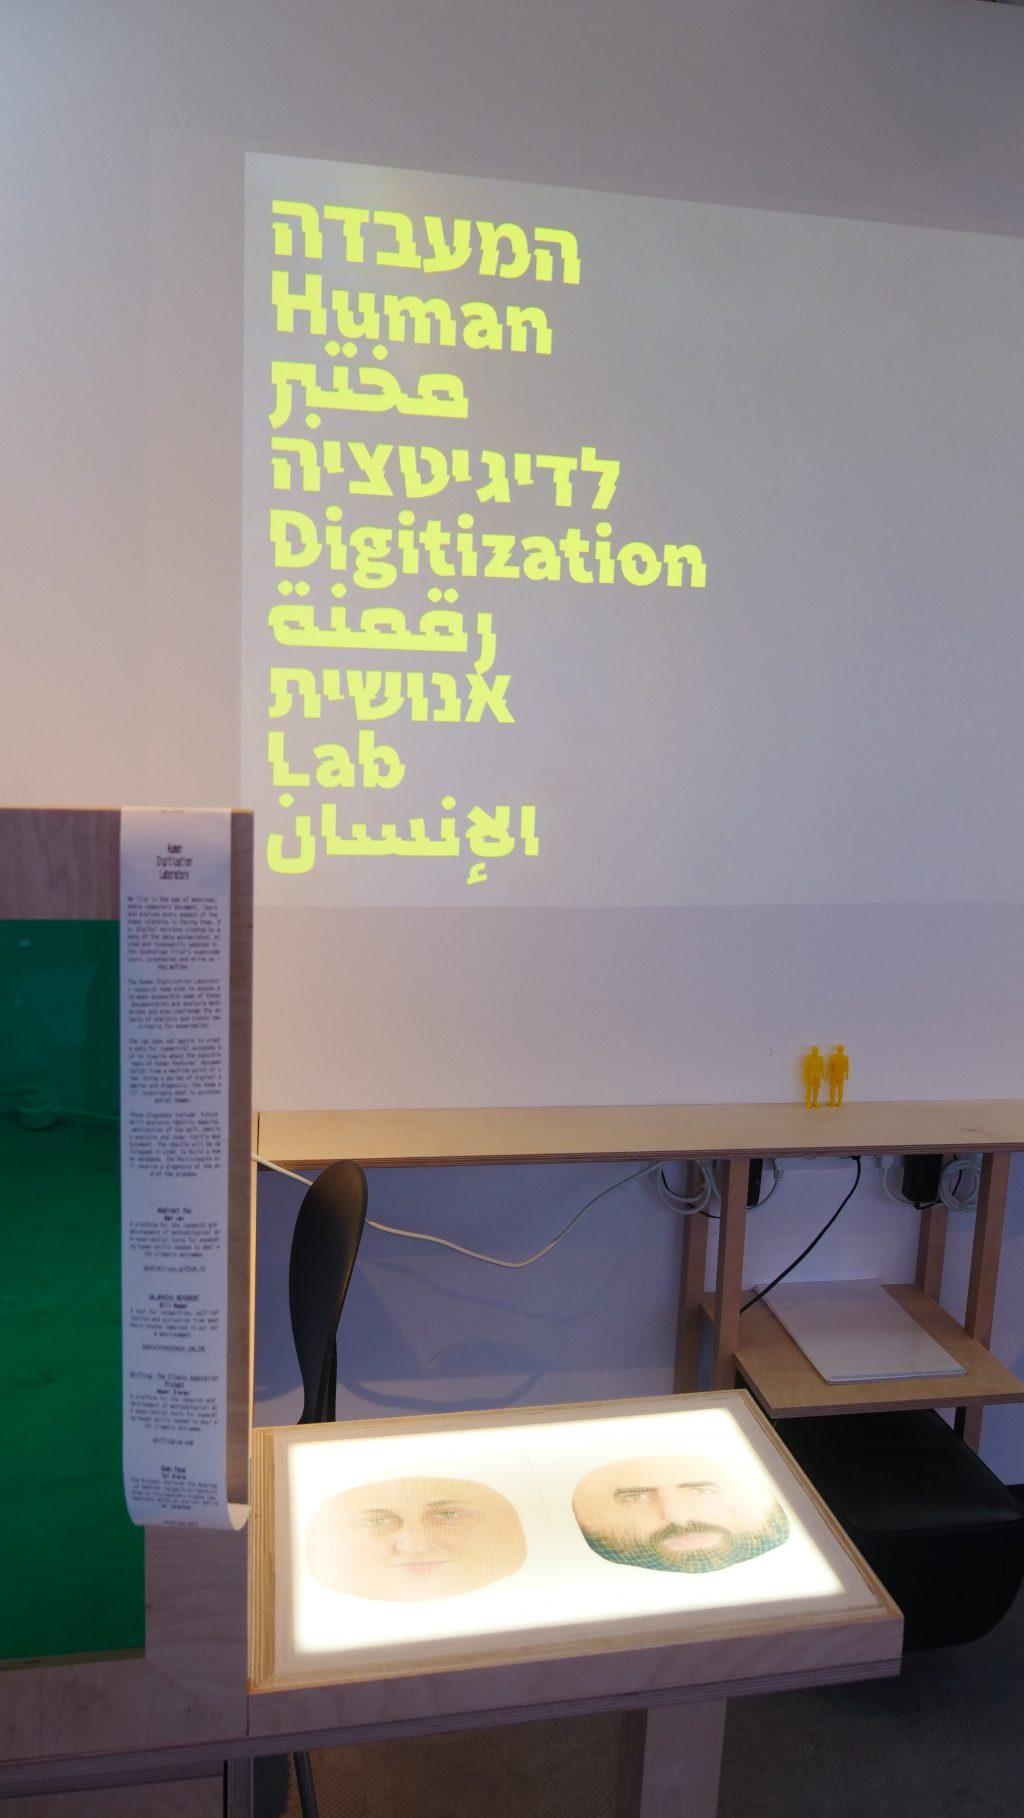 רזידנסי אחרון במגדל התצפית בביאנלה - המעבדה לדיגיטציה אנושית